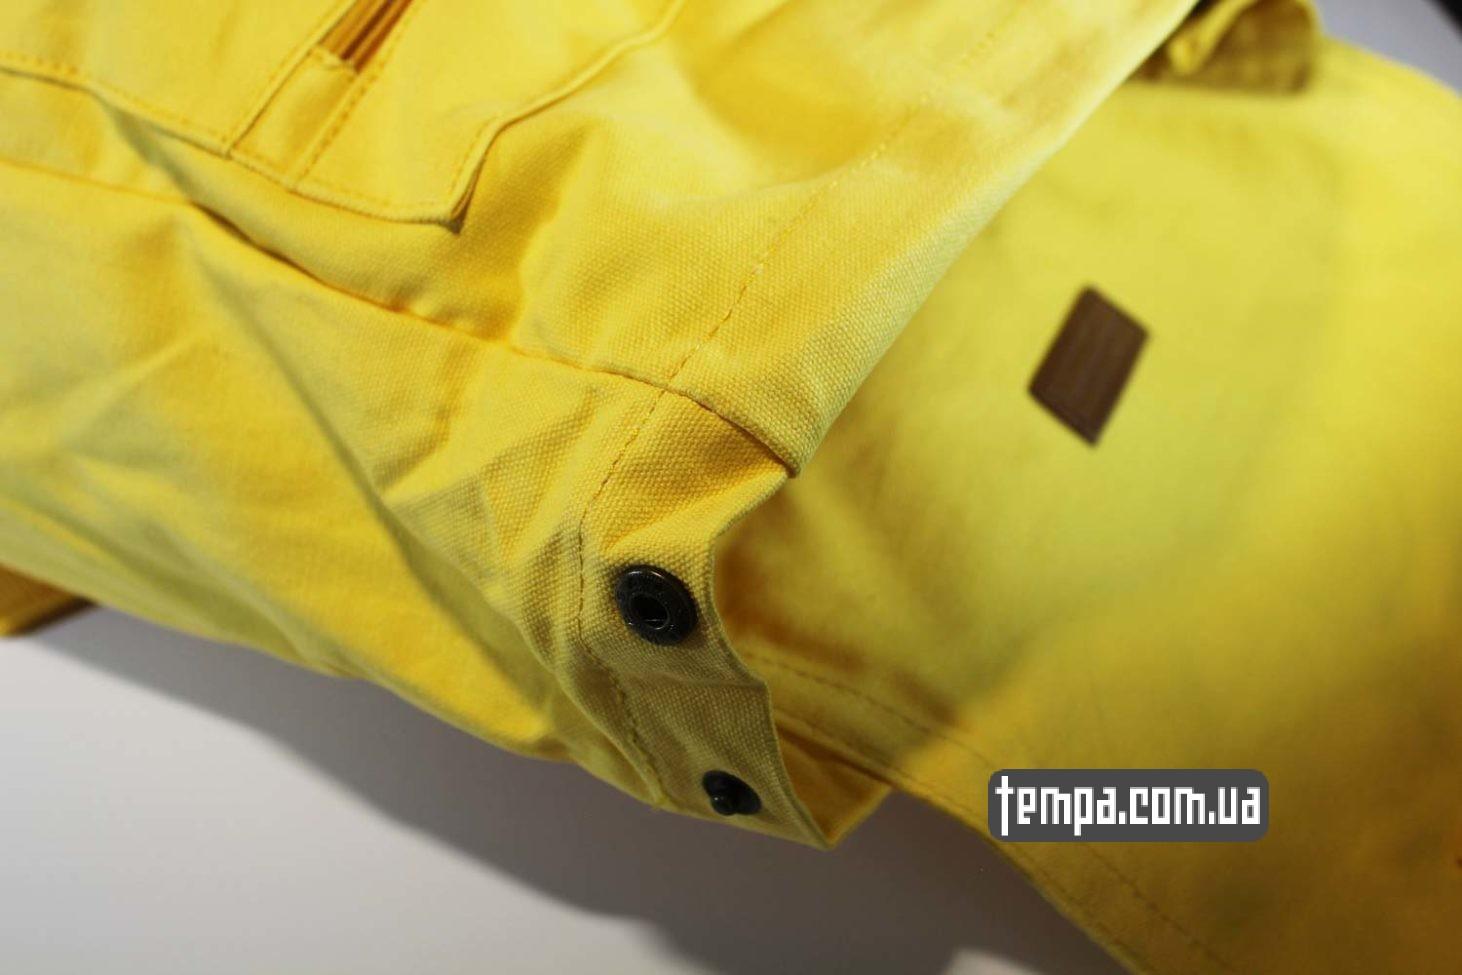 купить заказать украина рюкзак сумка G-1000 FOLDSACK NO.1 fjallraven kanken желтый